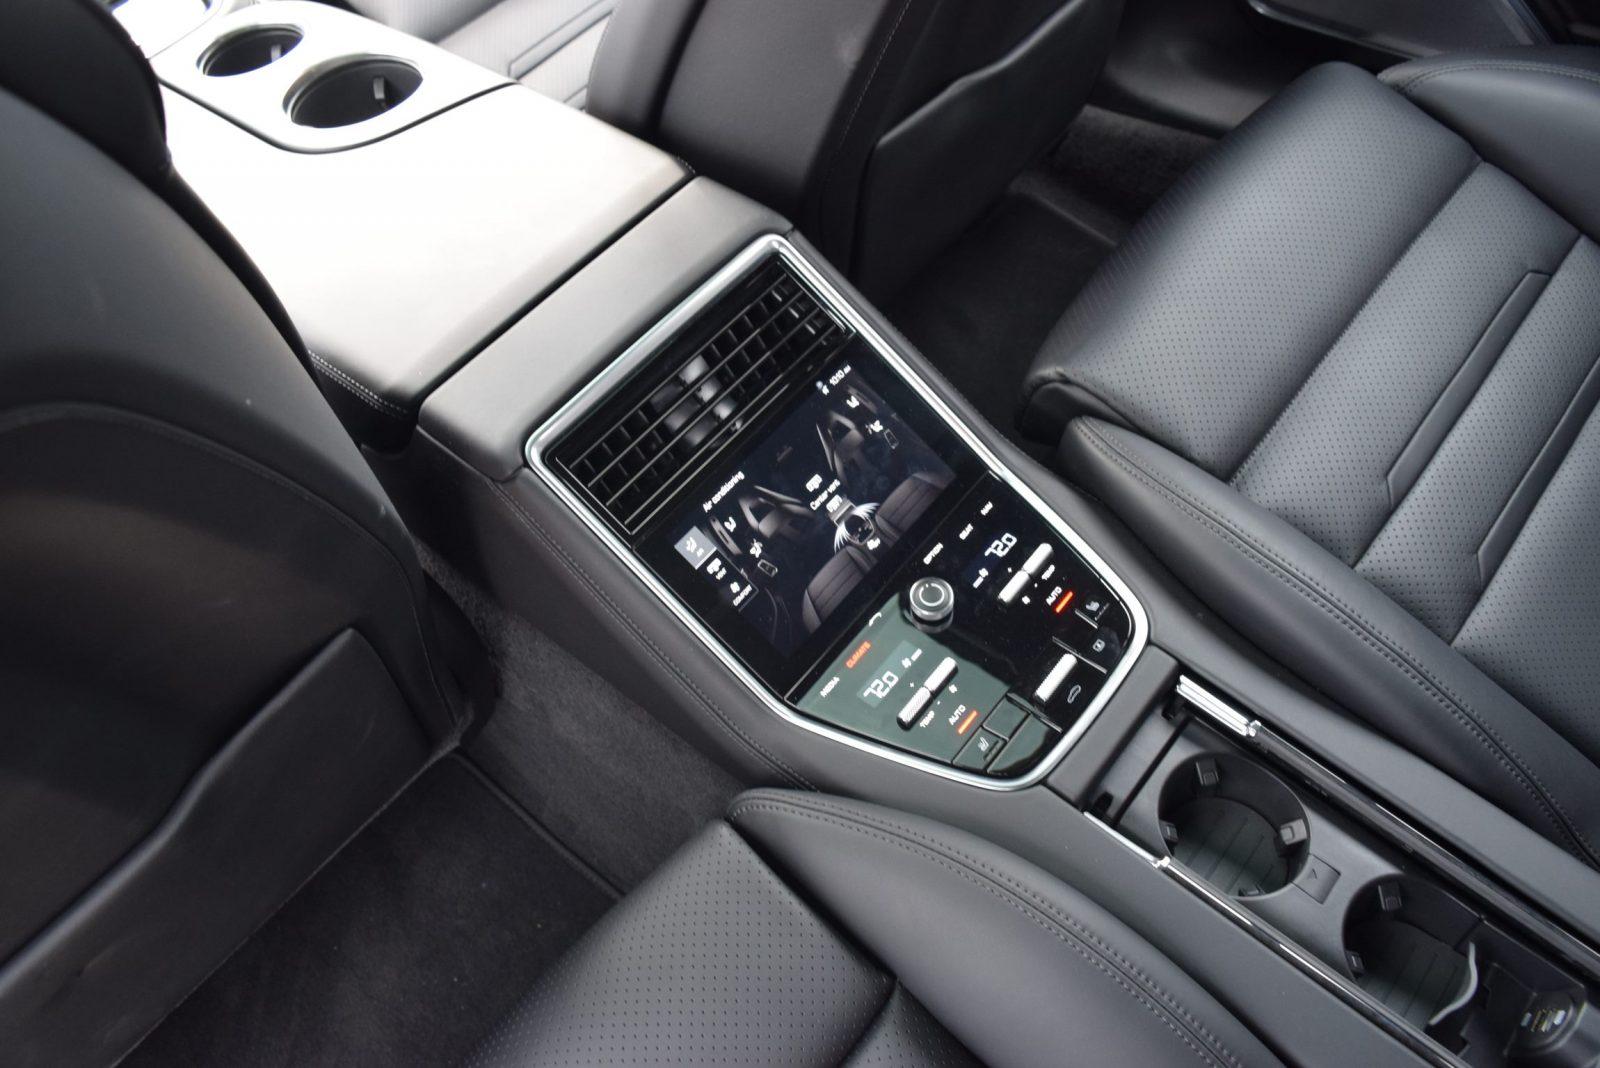 2017 Porsche Panamera TURBO Interior 10